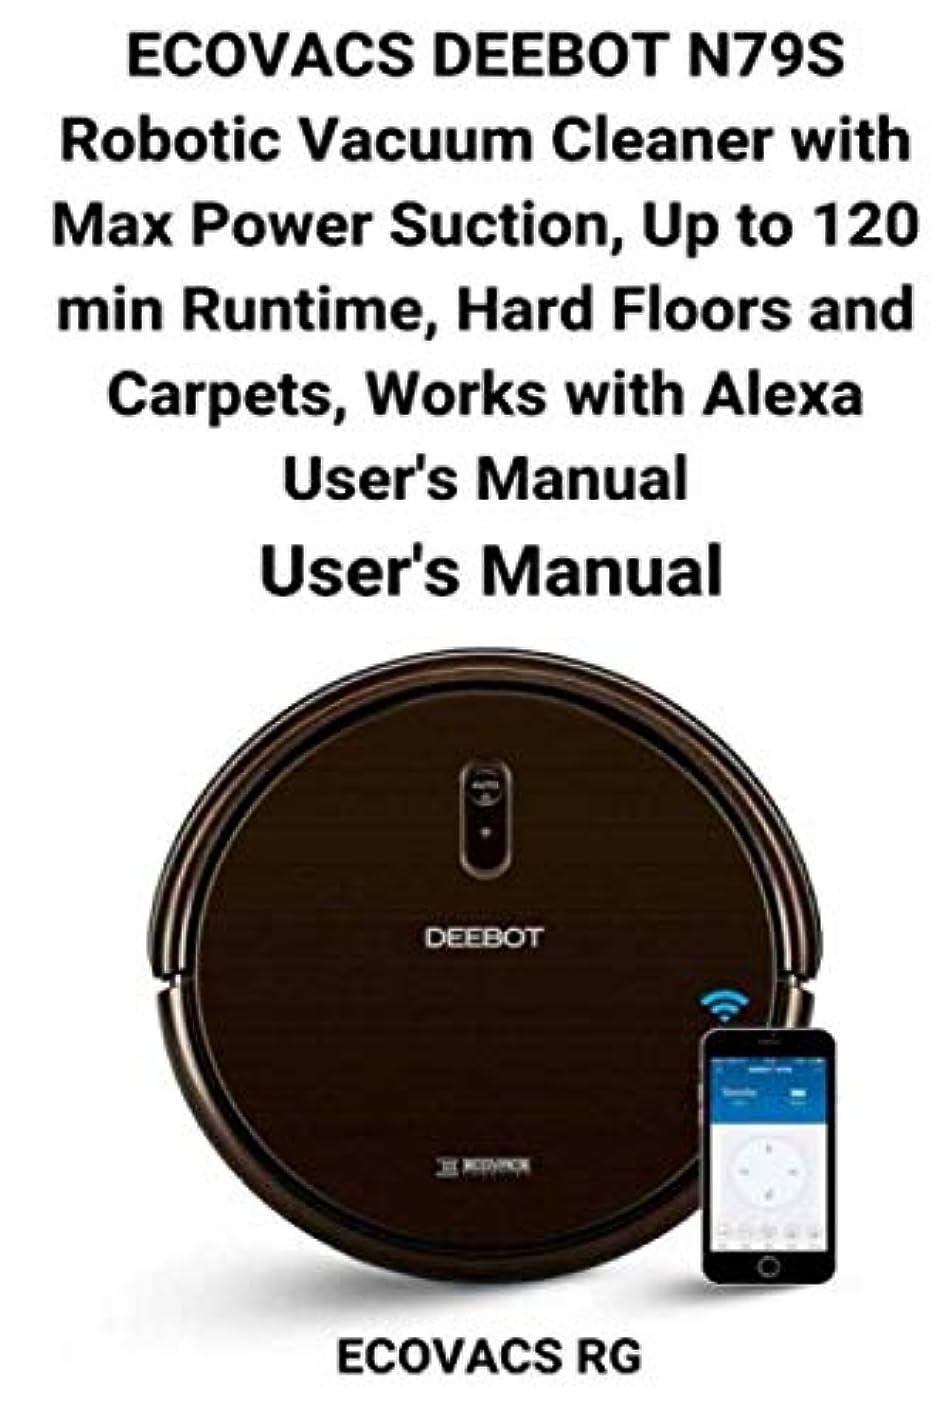 プラスチックマーキング先ECOVACS DEEBOT N79S Robotic Vacuum Cleaner with Max Power Suction, Up to 120 min Runtime, Hard Floors and Carpets, Works with Alexa User's Manual: VHUJT